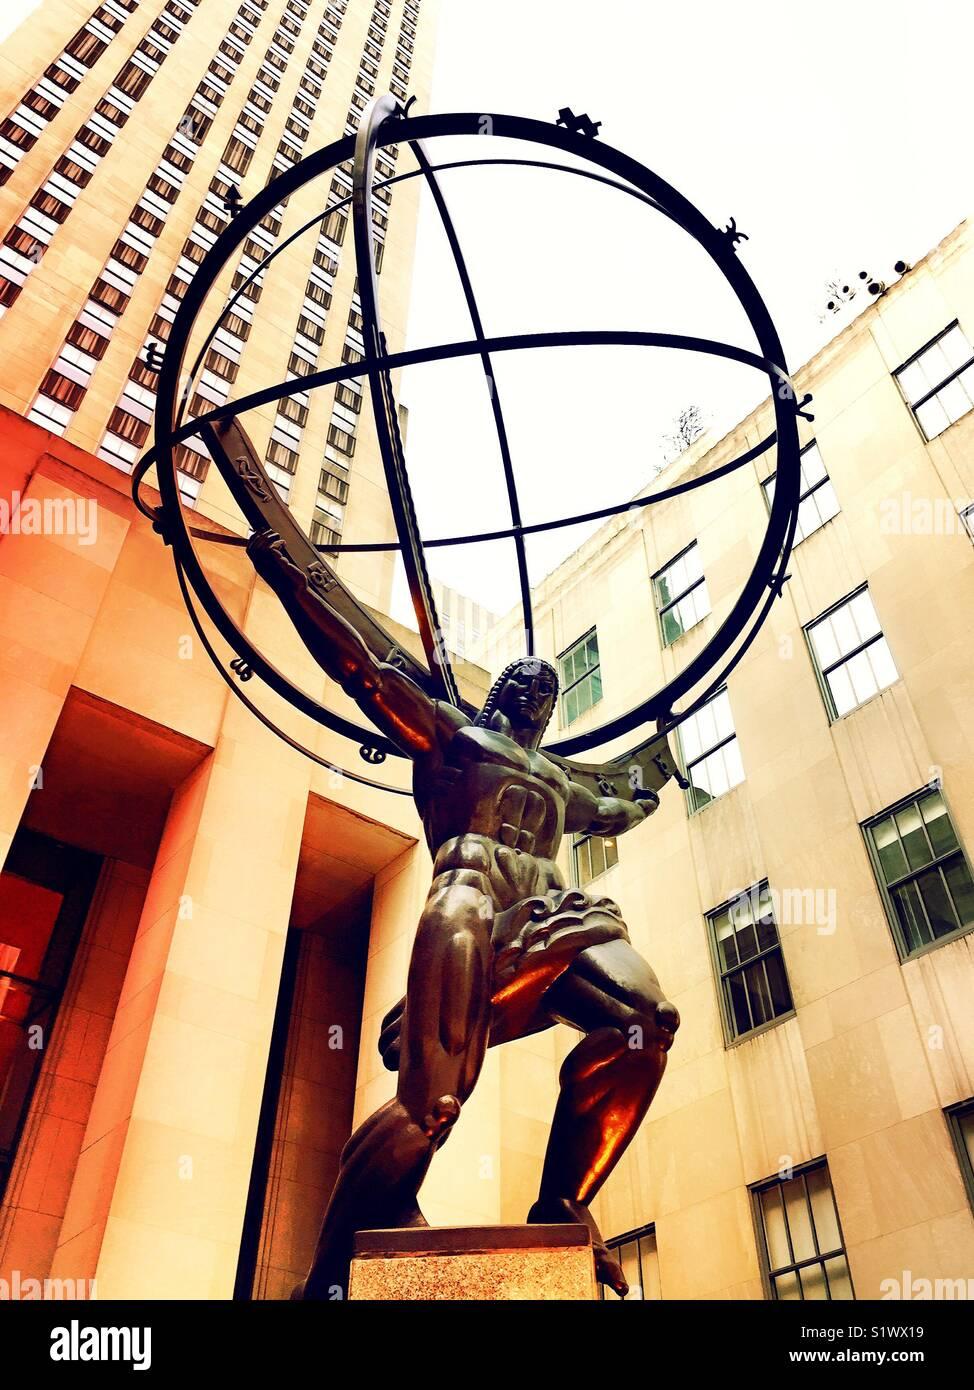 Atlas sujetando el mundo estatua, el Rockefeller Center, Nueva York Imagen De Stock